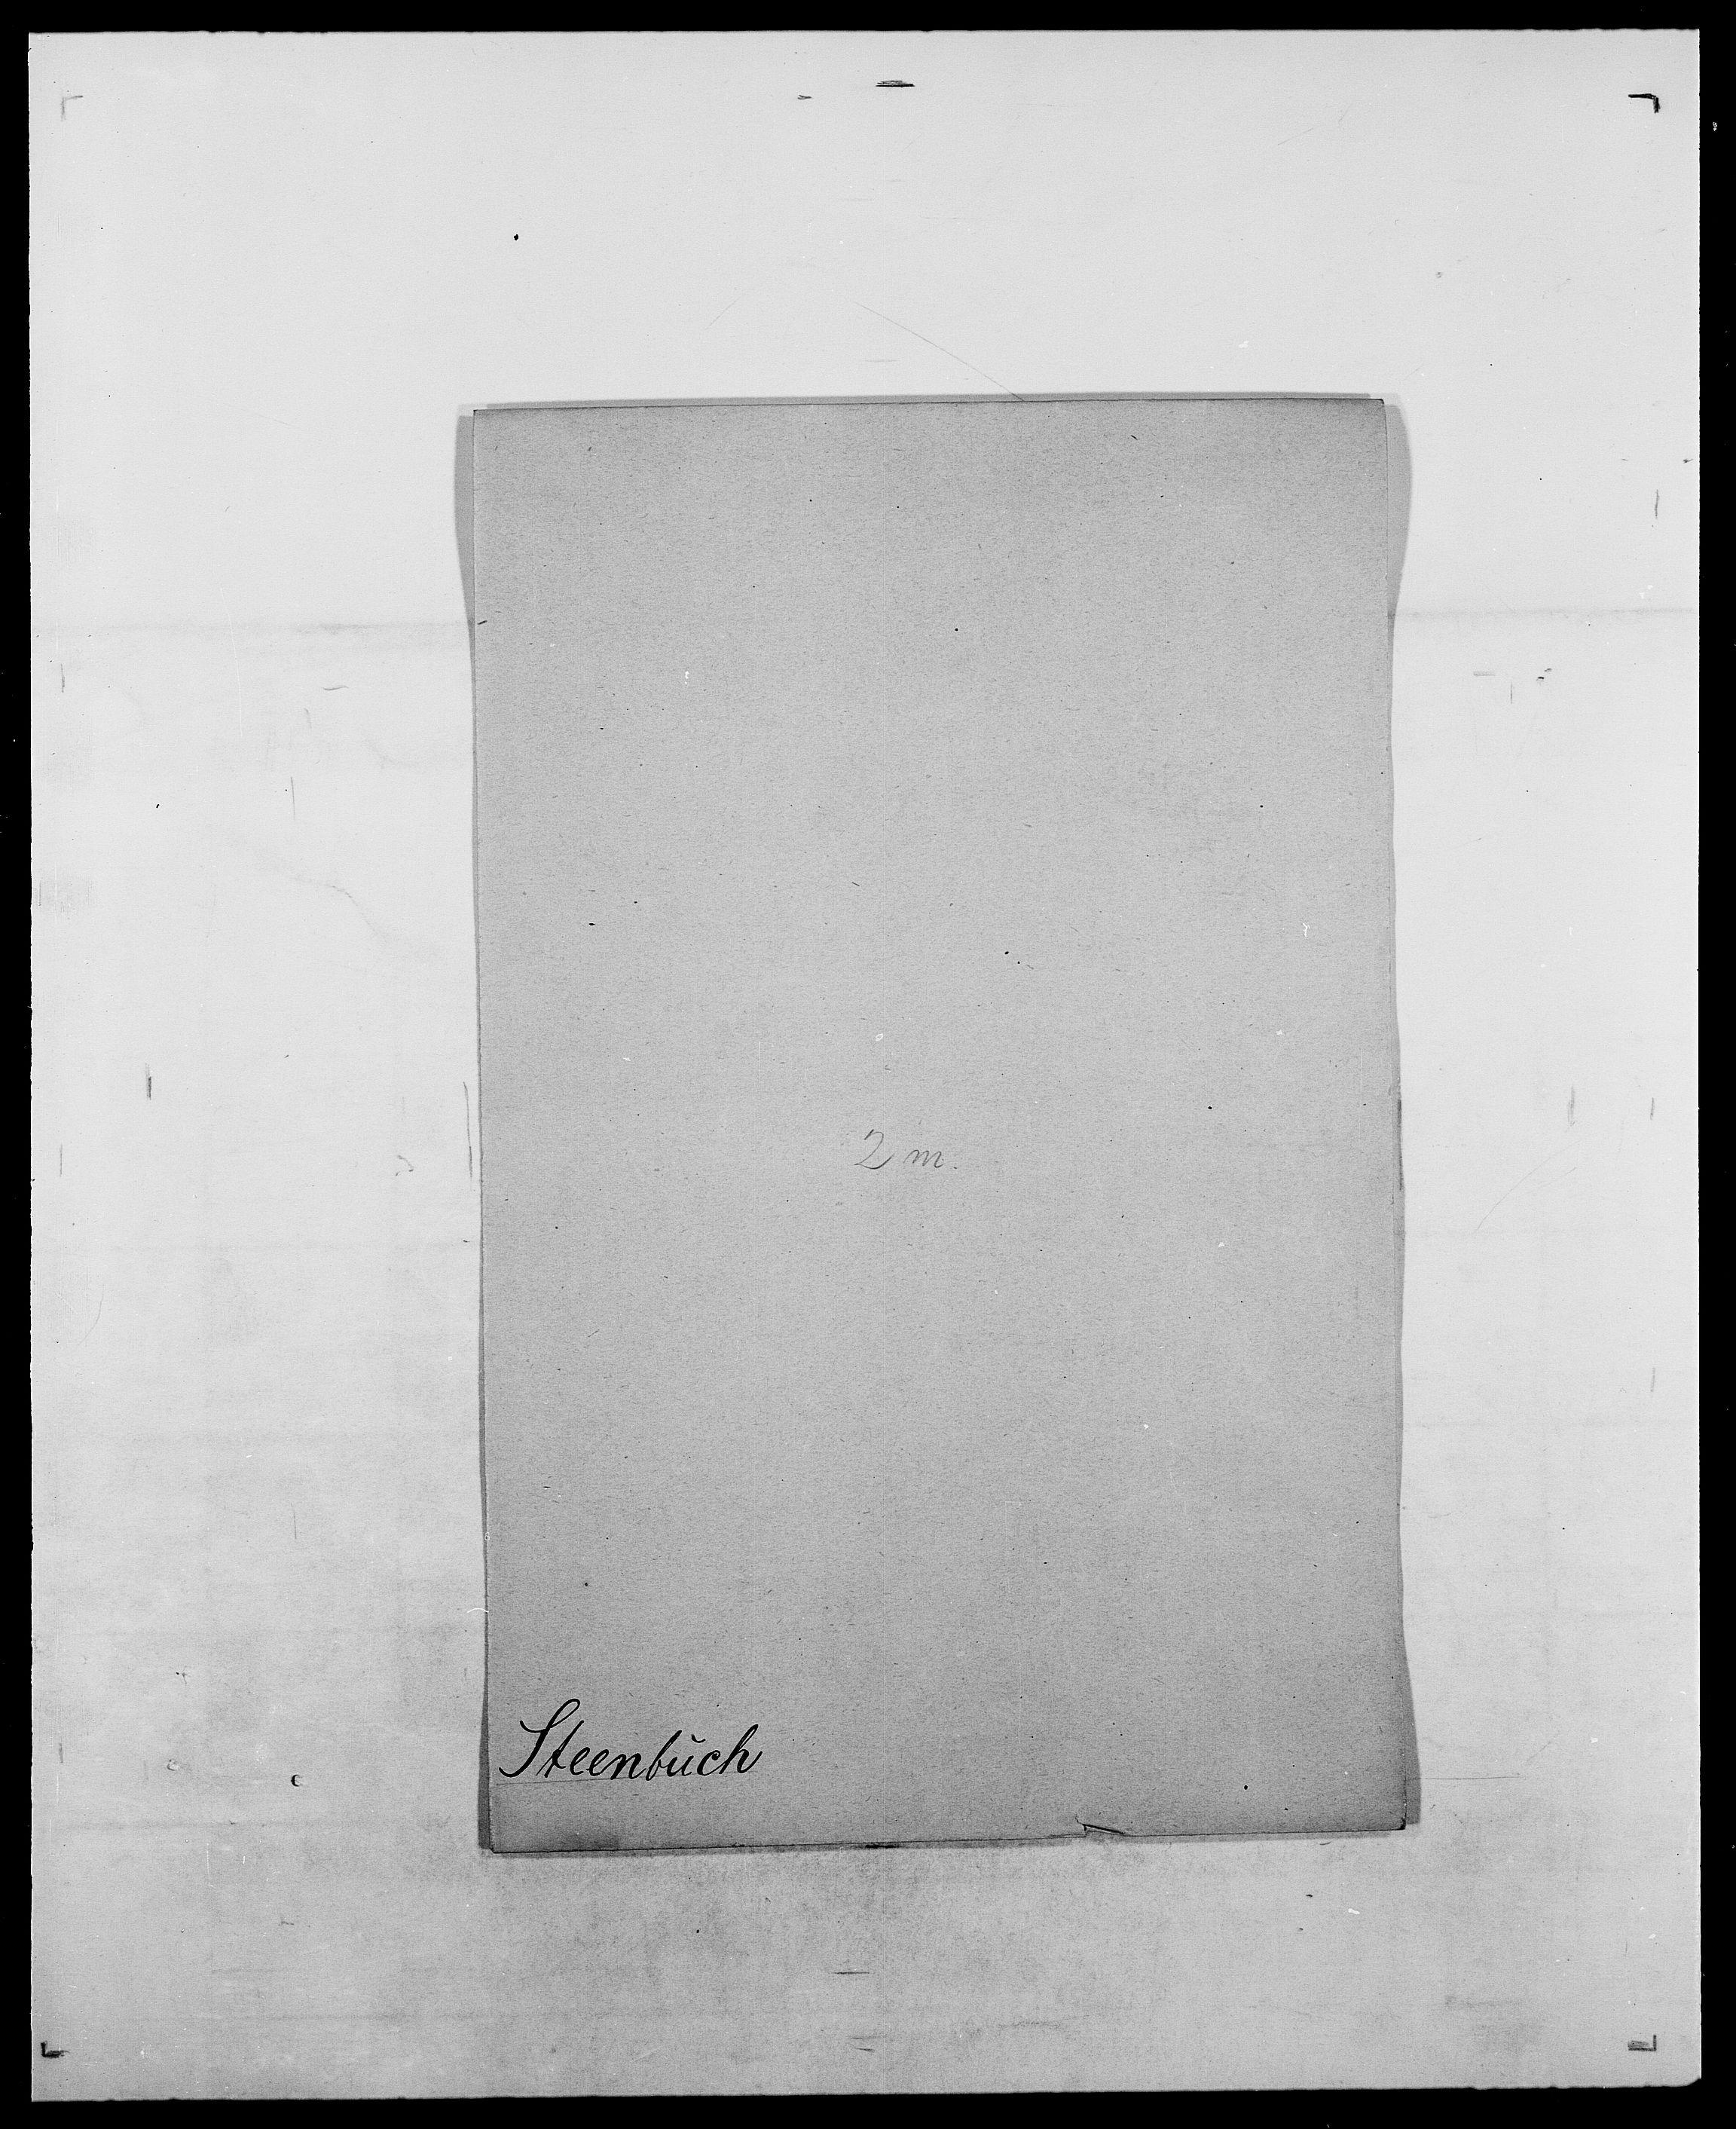 SAO, Delgobe, Charles Antoine - samling, D/Da/L0037: Steen, Sthen, Stein - Svare, Svanige, Svanne, se også Svanning og Schwane, s. 135